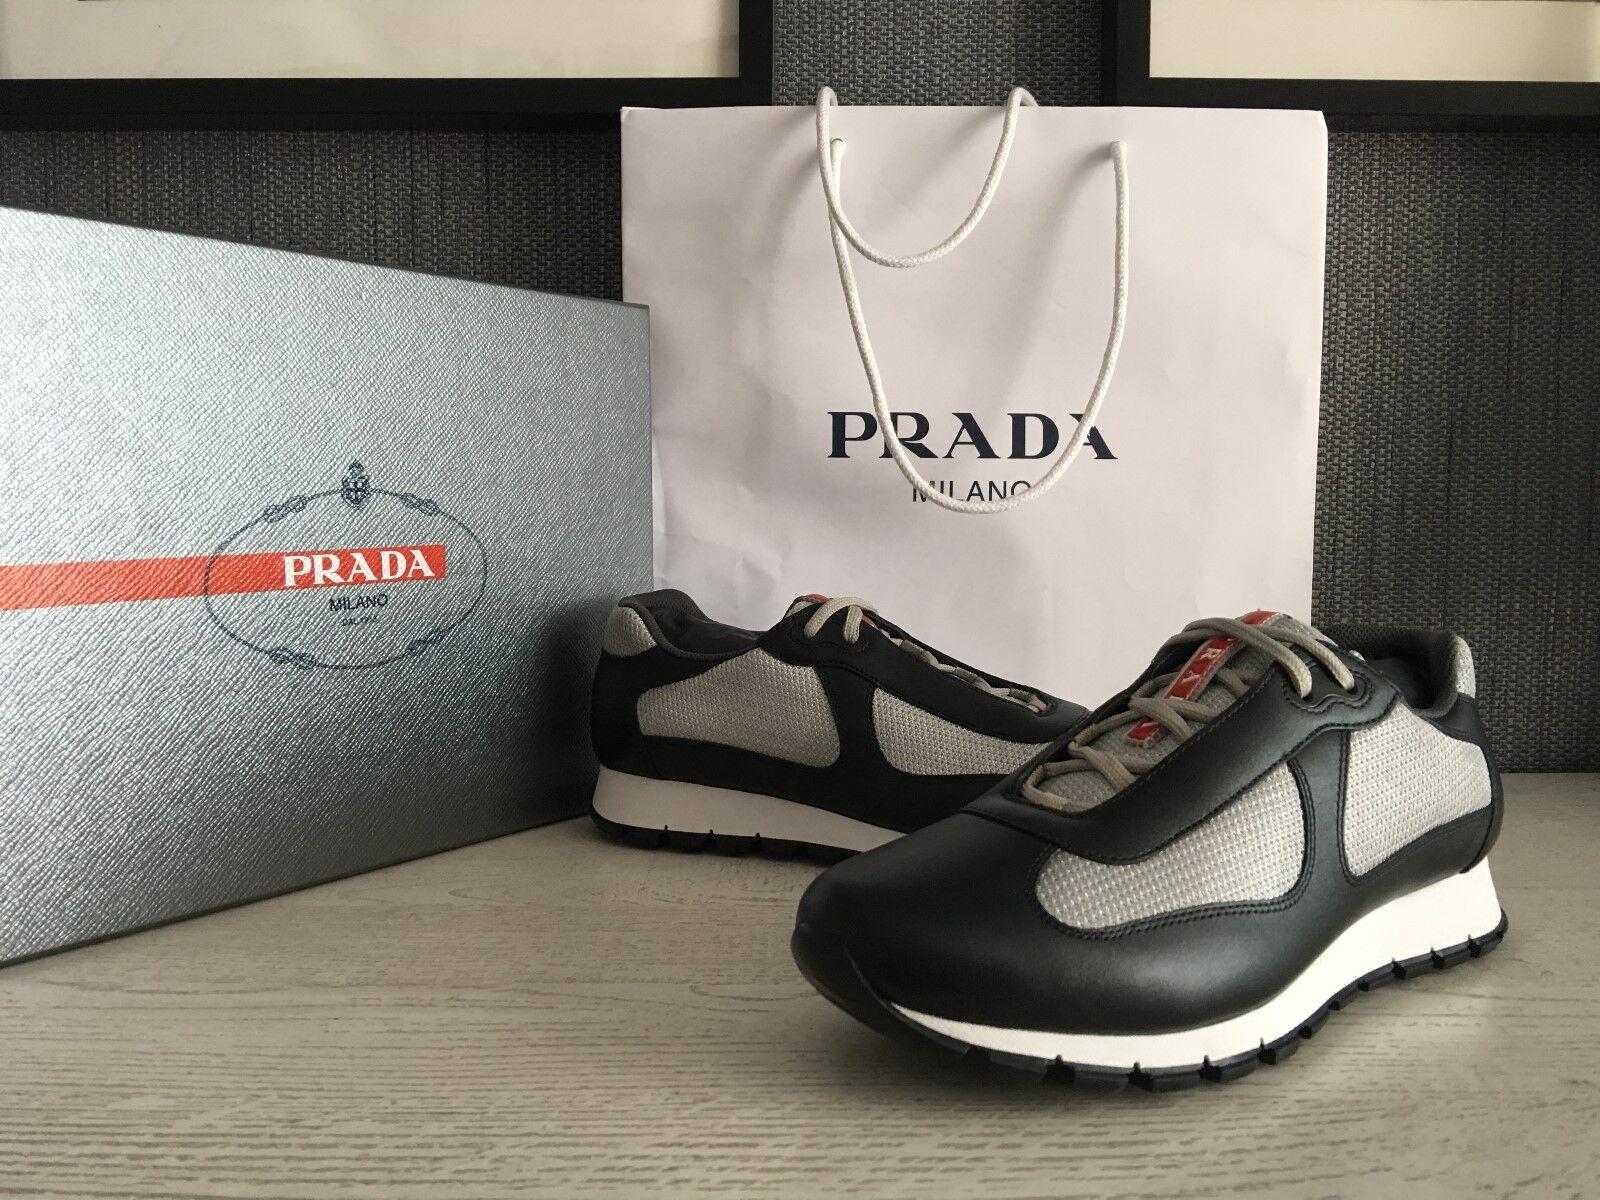 PRADA Uomo's Real Leather Shoes 41,5 Sz : US 8,5//EU 41,5 Shoes  NEW 5af1cc